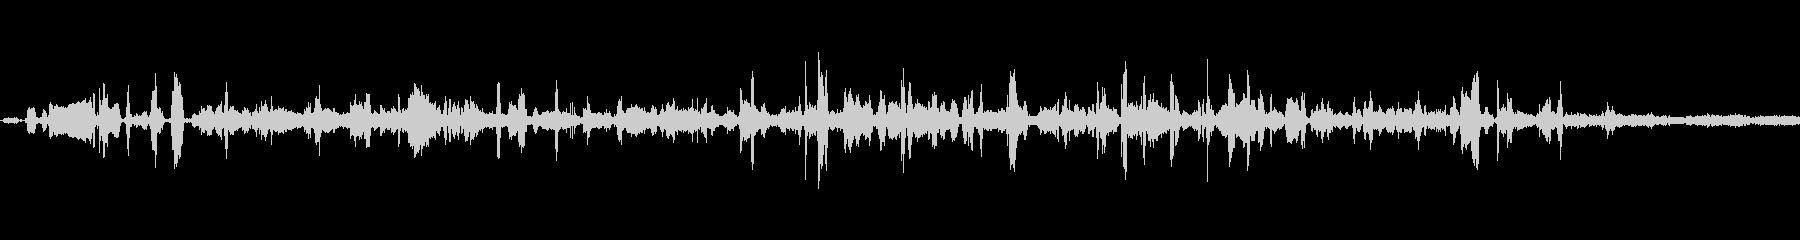 ラジオのチューニング、ラジオのチュ...の未再生の波形